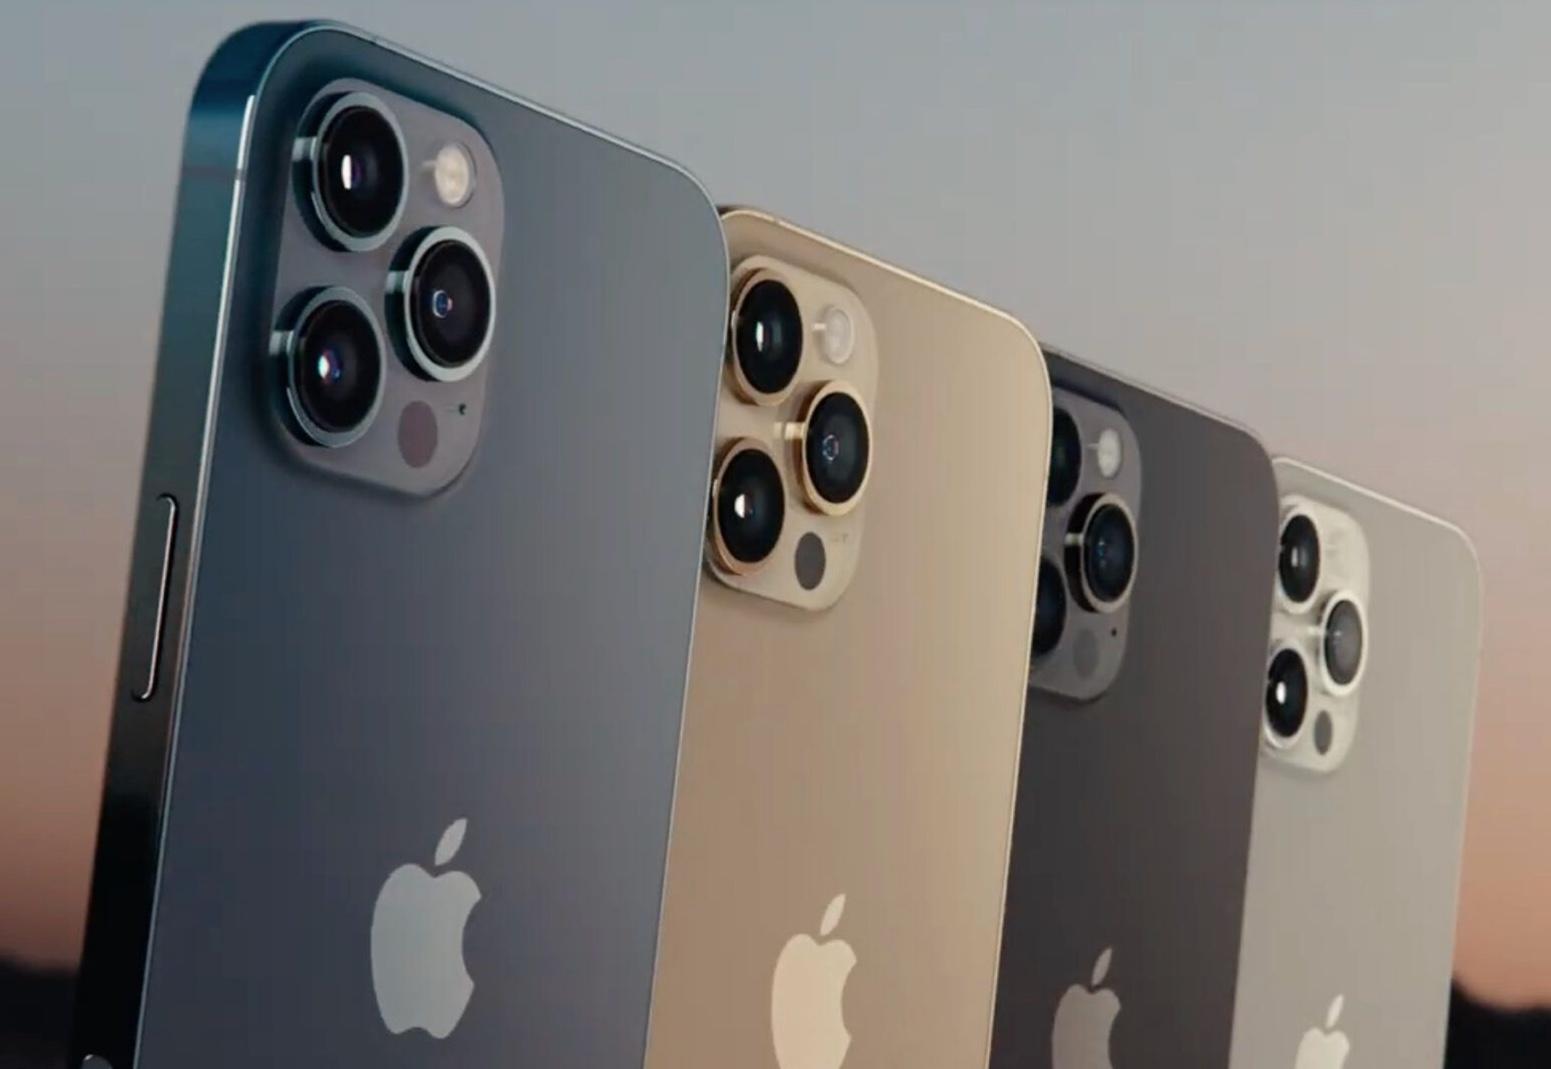 iPhone 12 Proの生産台数が増加、iPhone 12 miniの生産台数が削減される